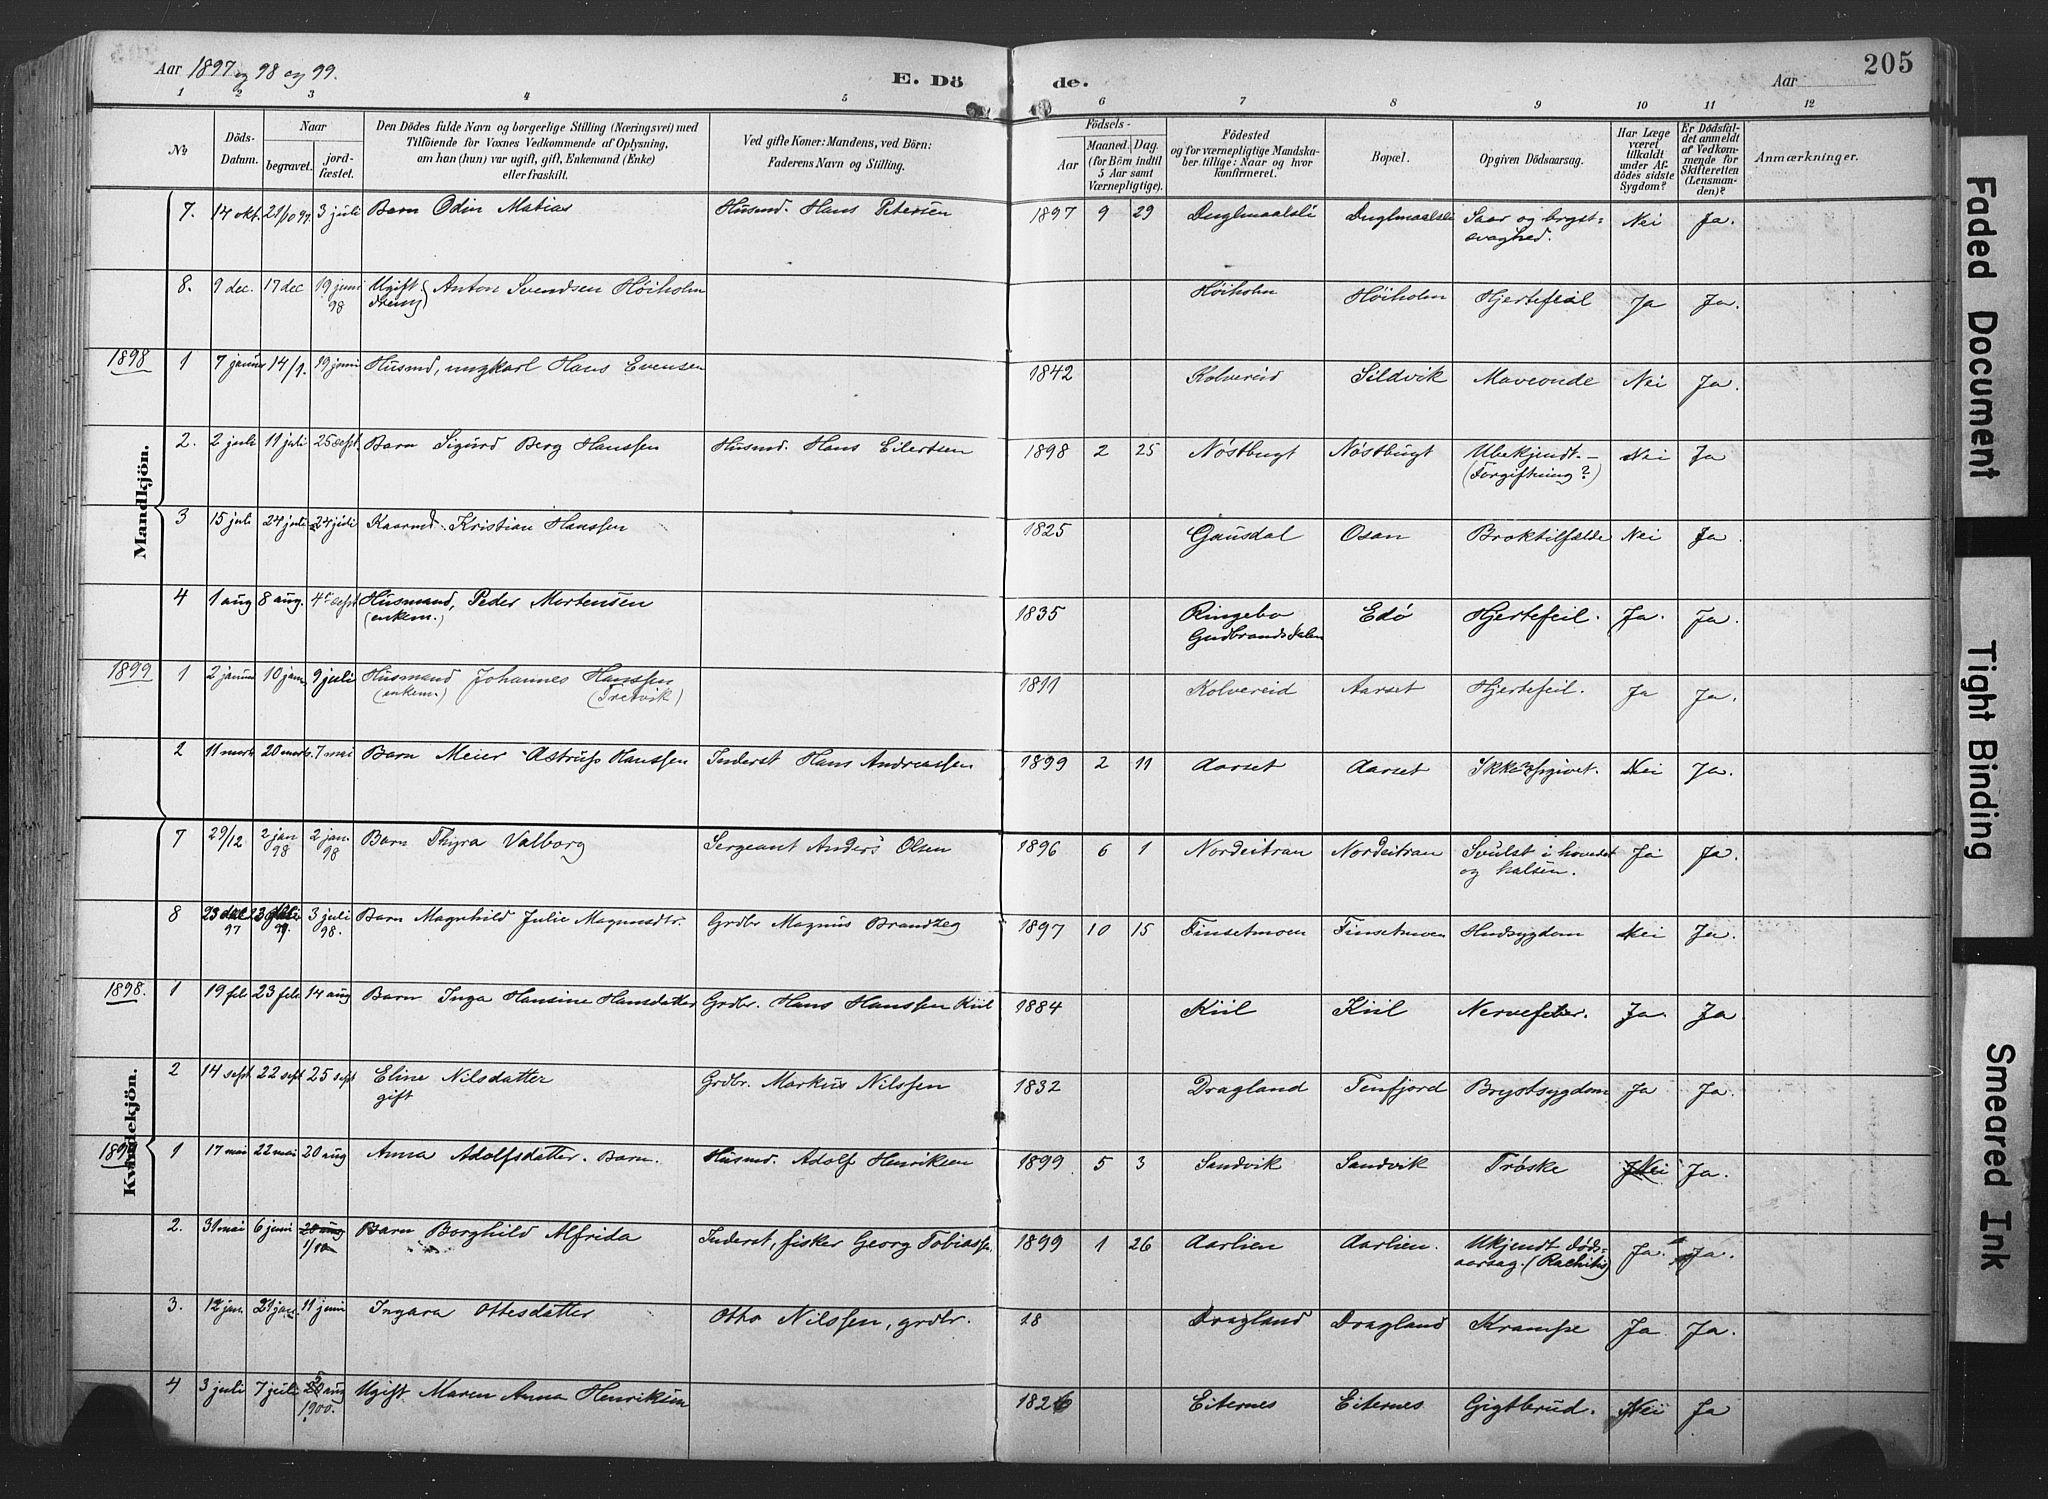 SAT, Ministerialprotokoller, klokkerbøker og fødselsregistre - Nord-Trøndelag, 789/L0706: Klokkerbok nr. 789C01, 1888-1931, s. 205